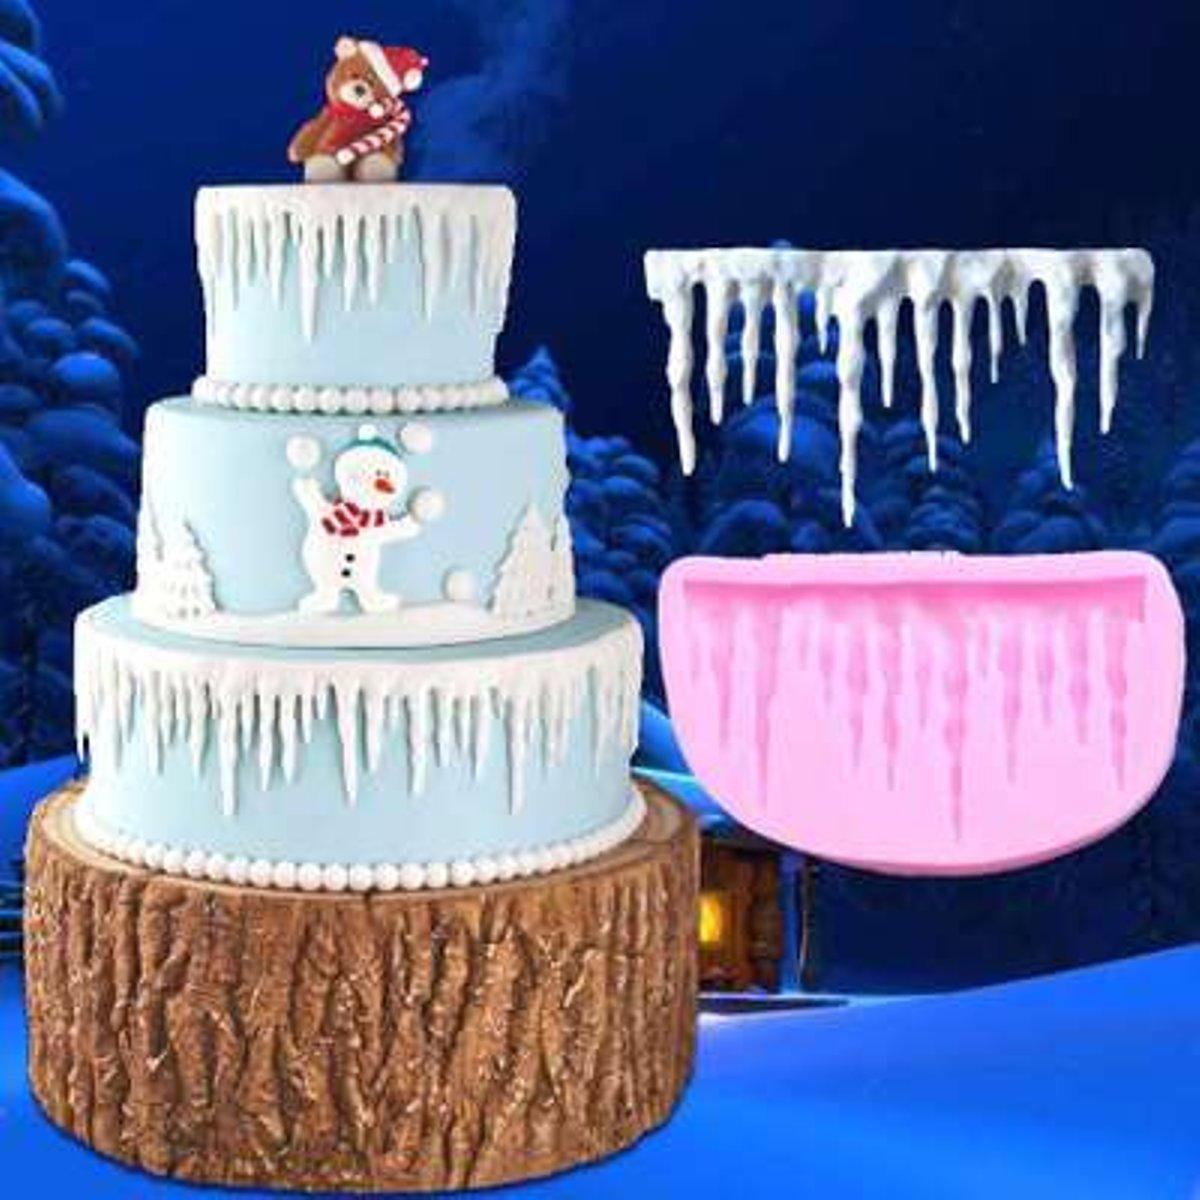 Tacoli - Molde de silicona para decoración de tartas, diseño de bicicleta, ideal para decoración de pasteles, fondant o pasteles de Navidad: Amazon.es: Hogar